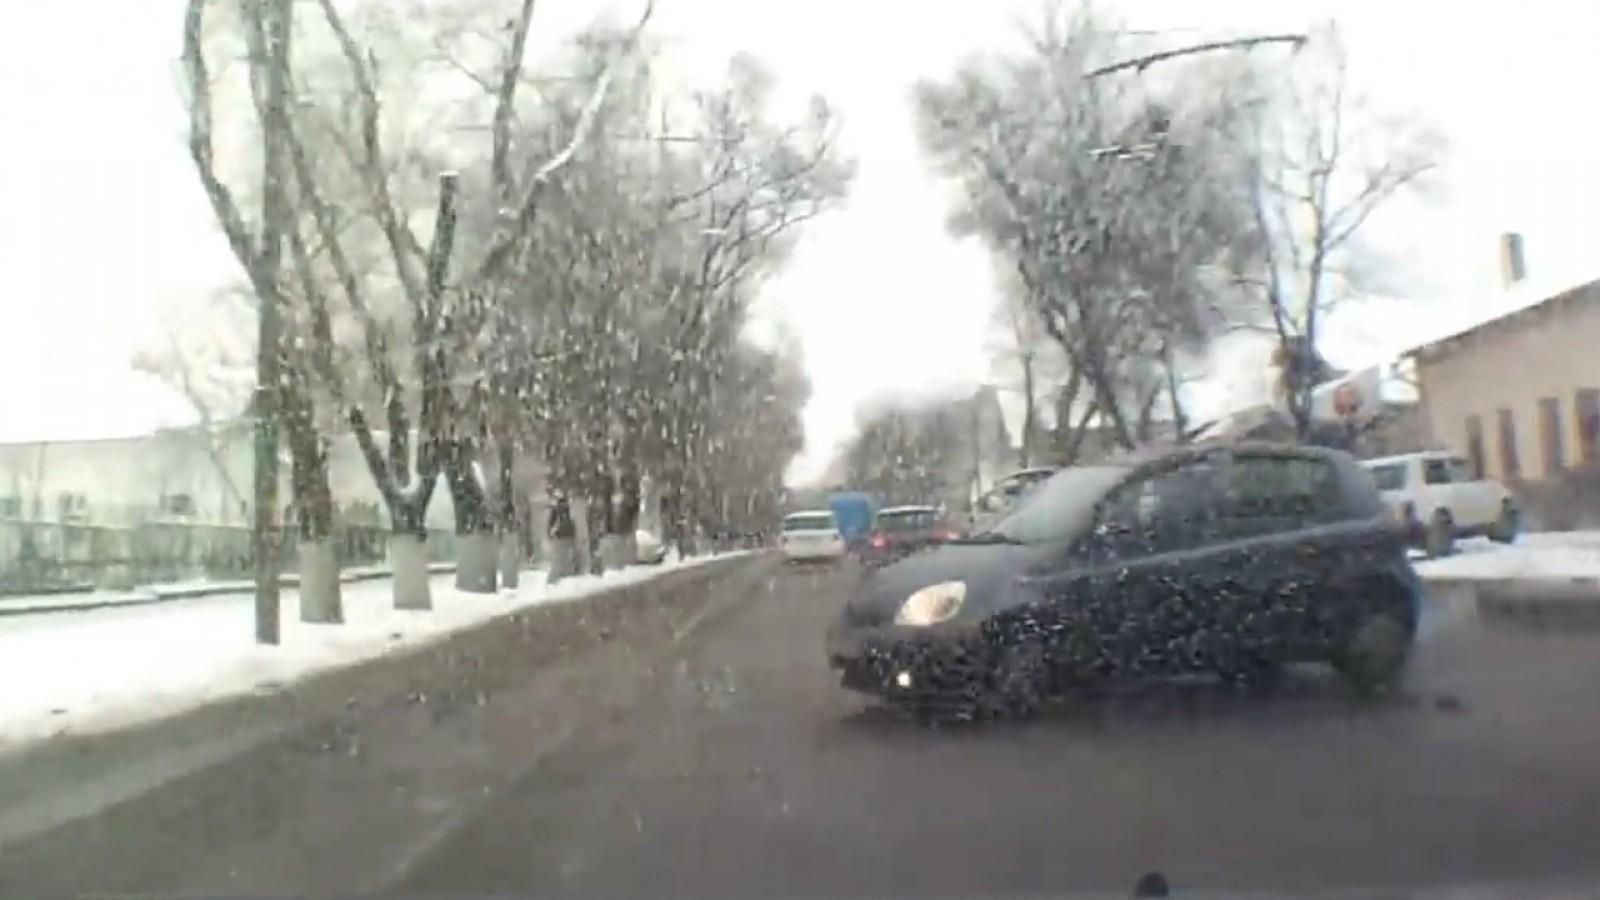 (video) Accident evitat la limită. O mașină a ajuns pe trotuar